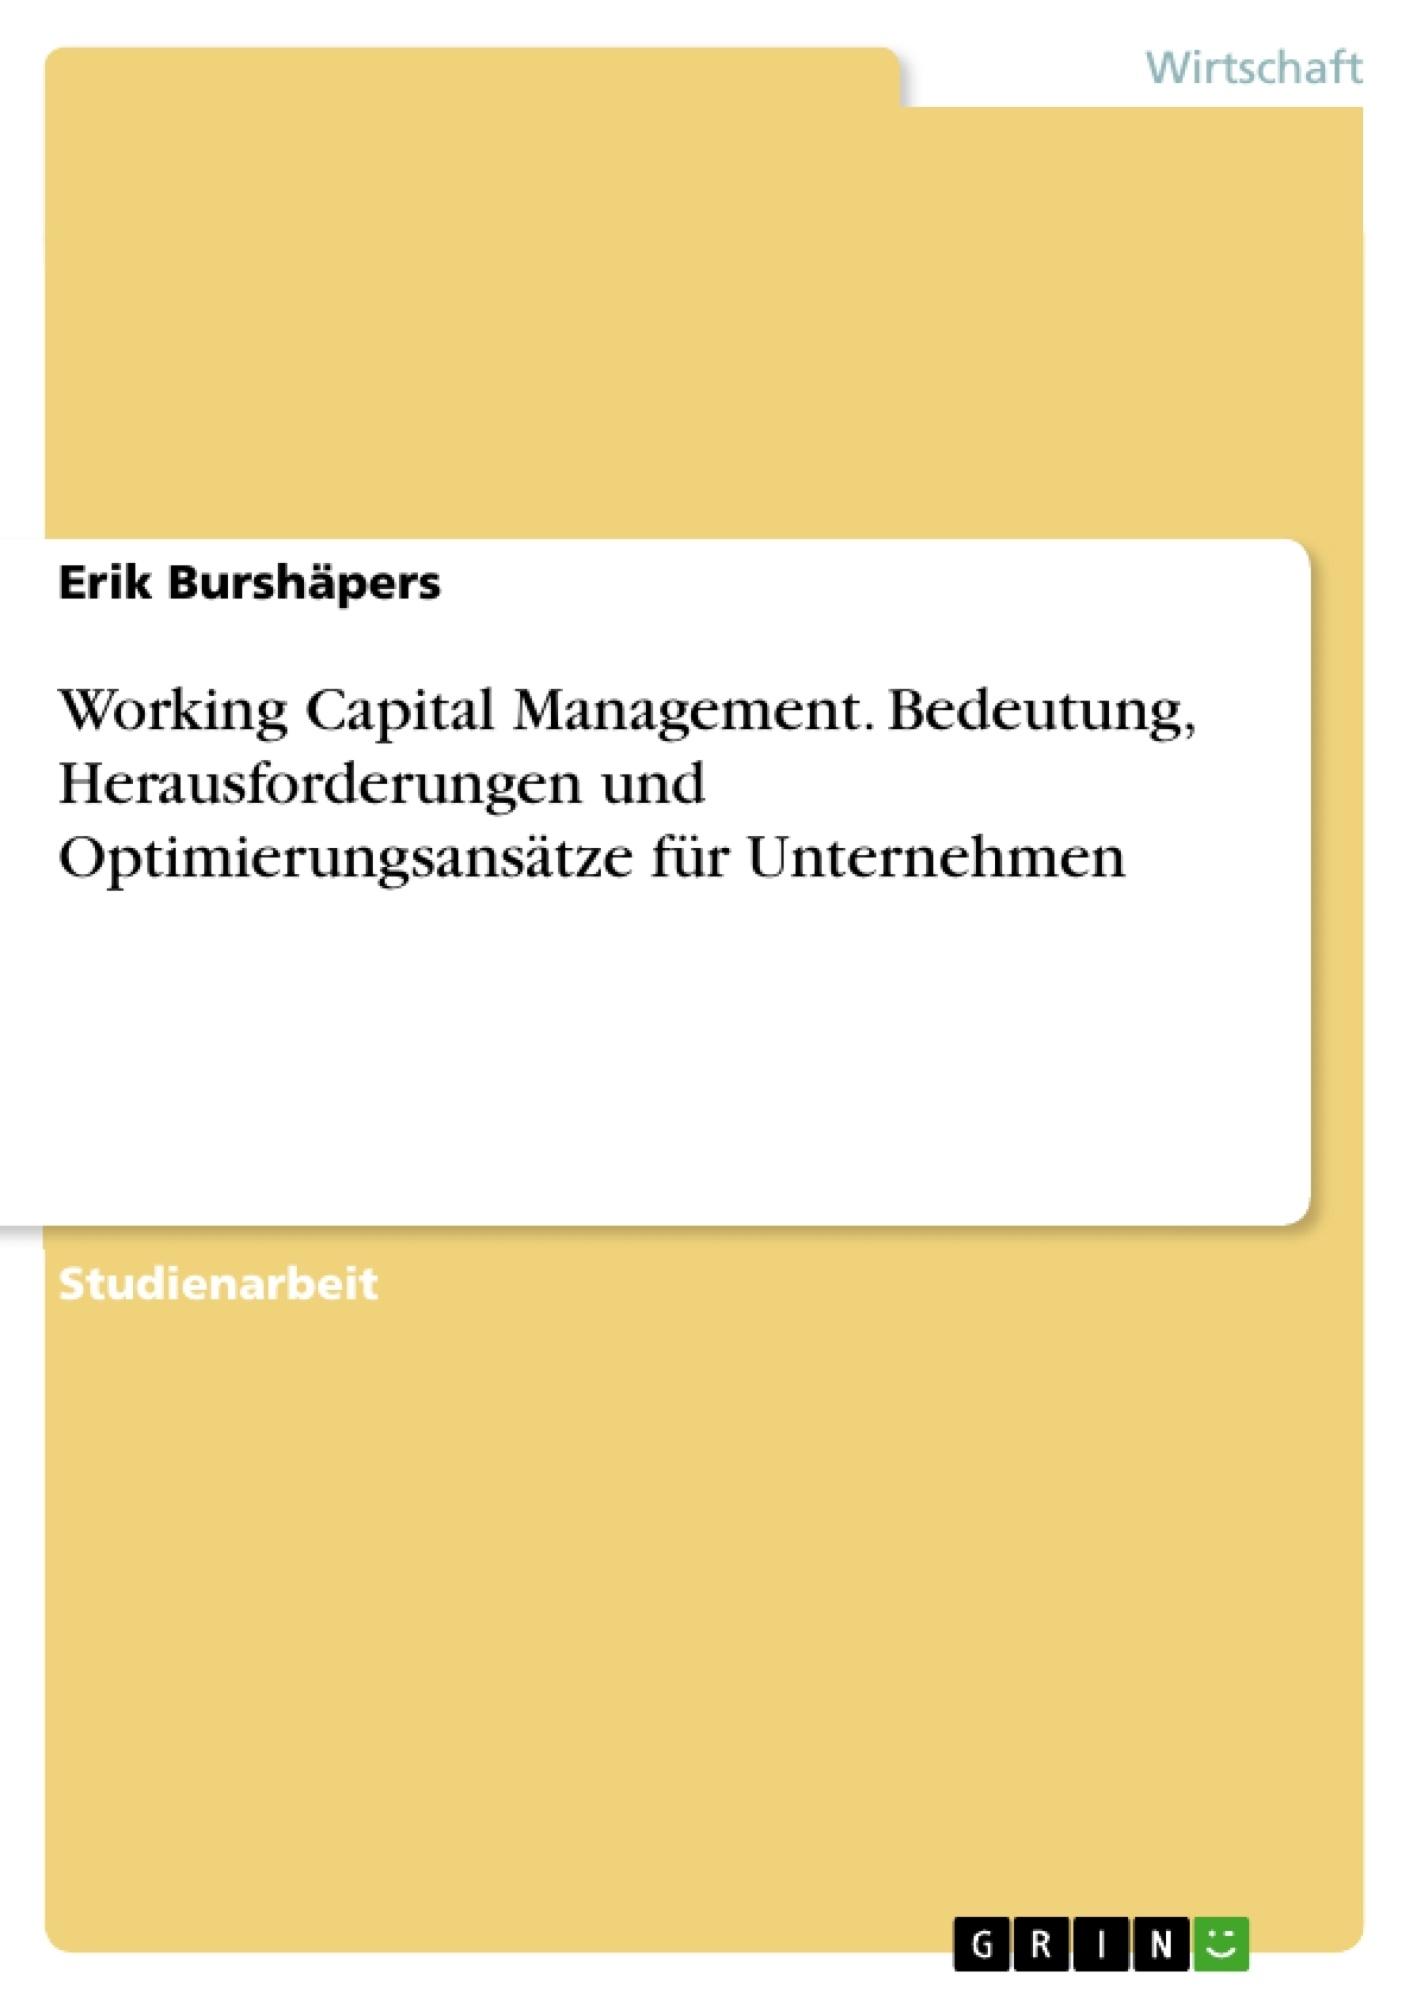 Titel: Working Capital Management. Bedeutung, Herausforderungen und Optimierungsansätze für Unternehmen